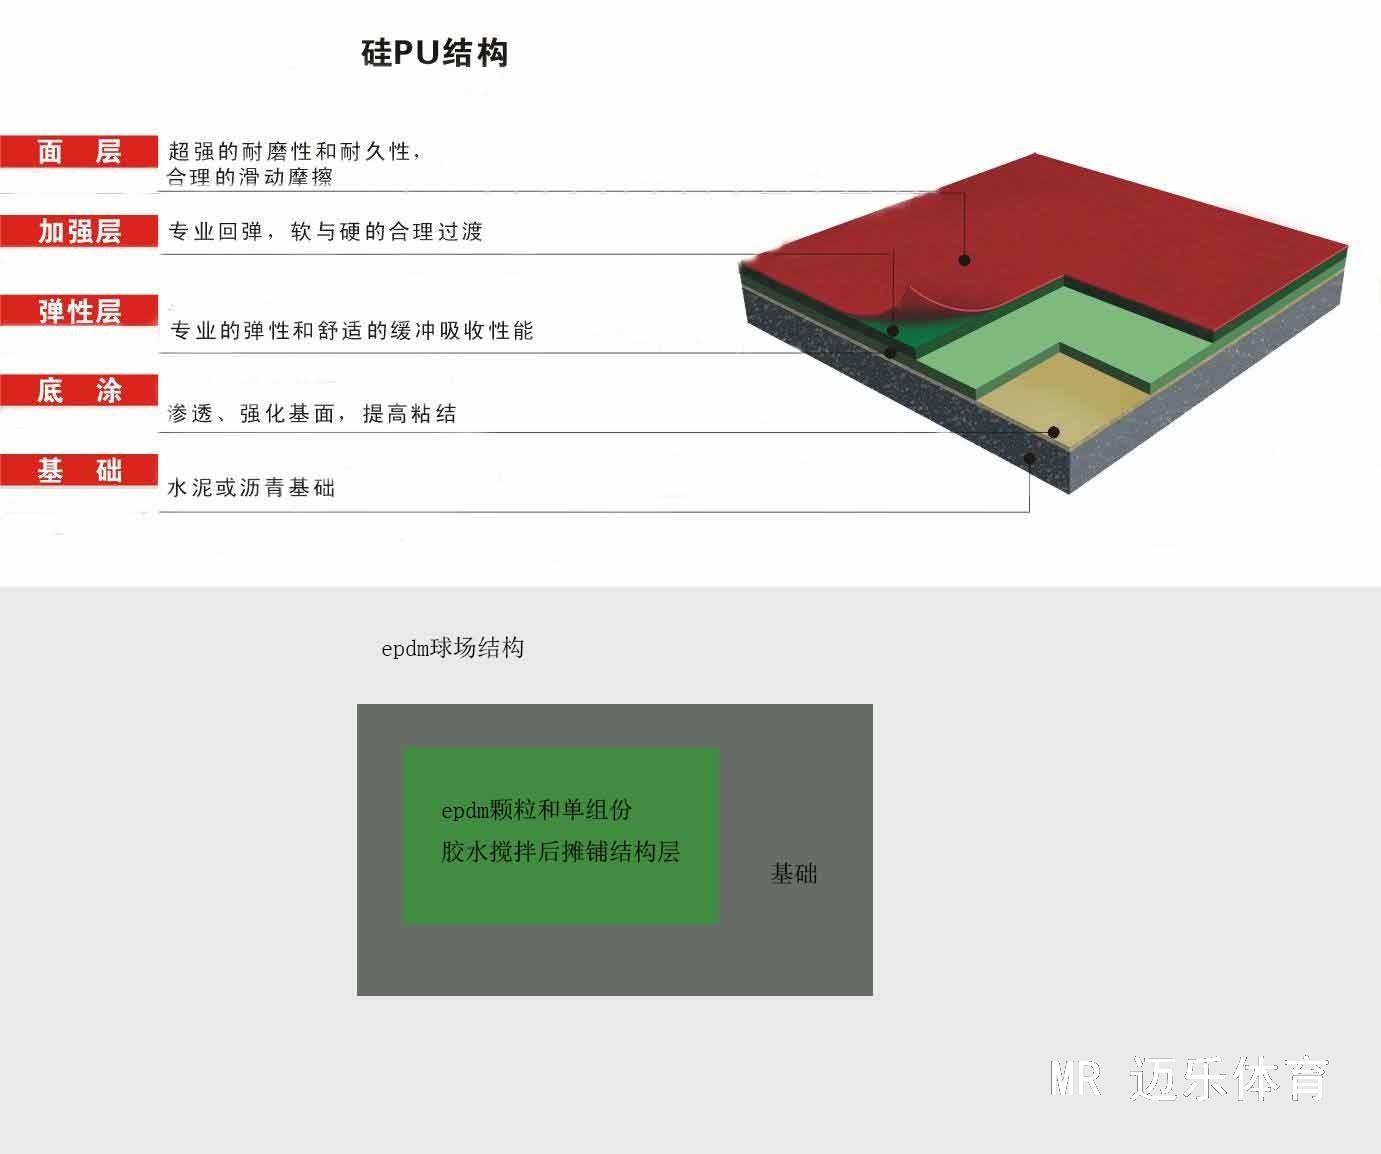 硅pu球场和epdm球场结构图